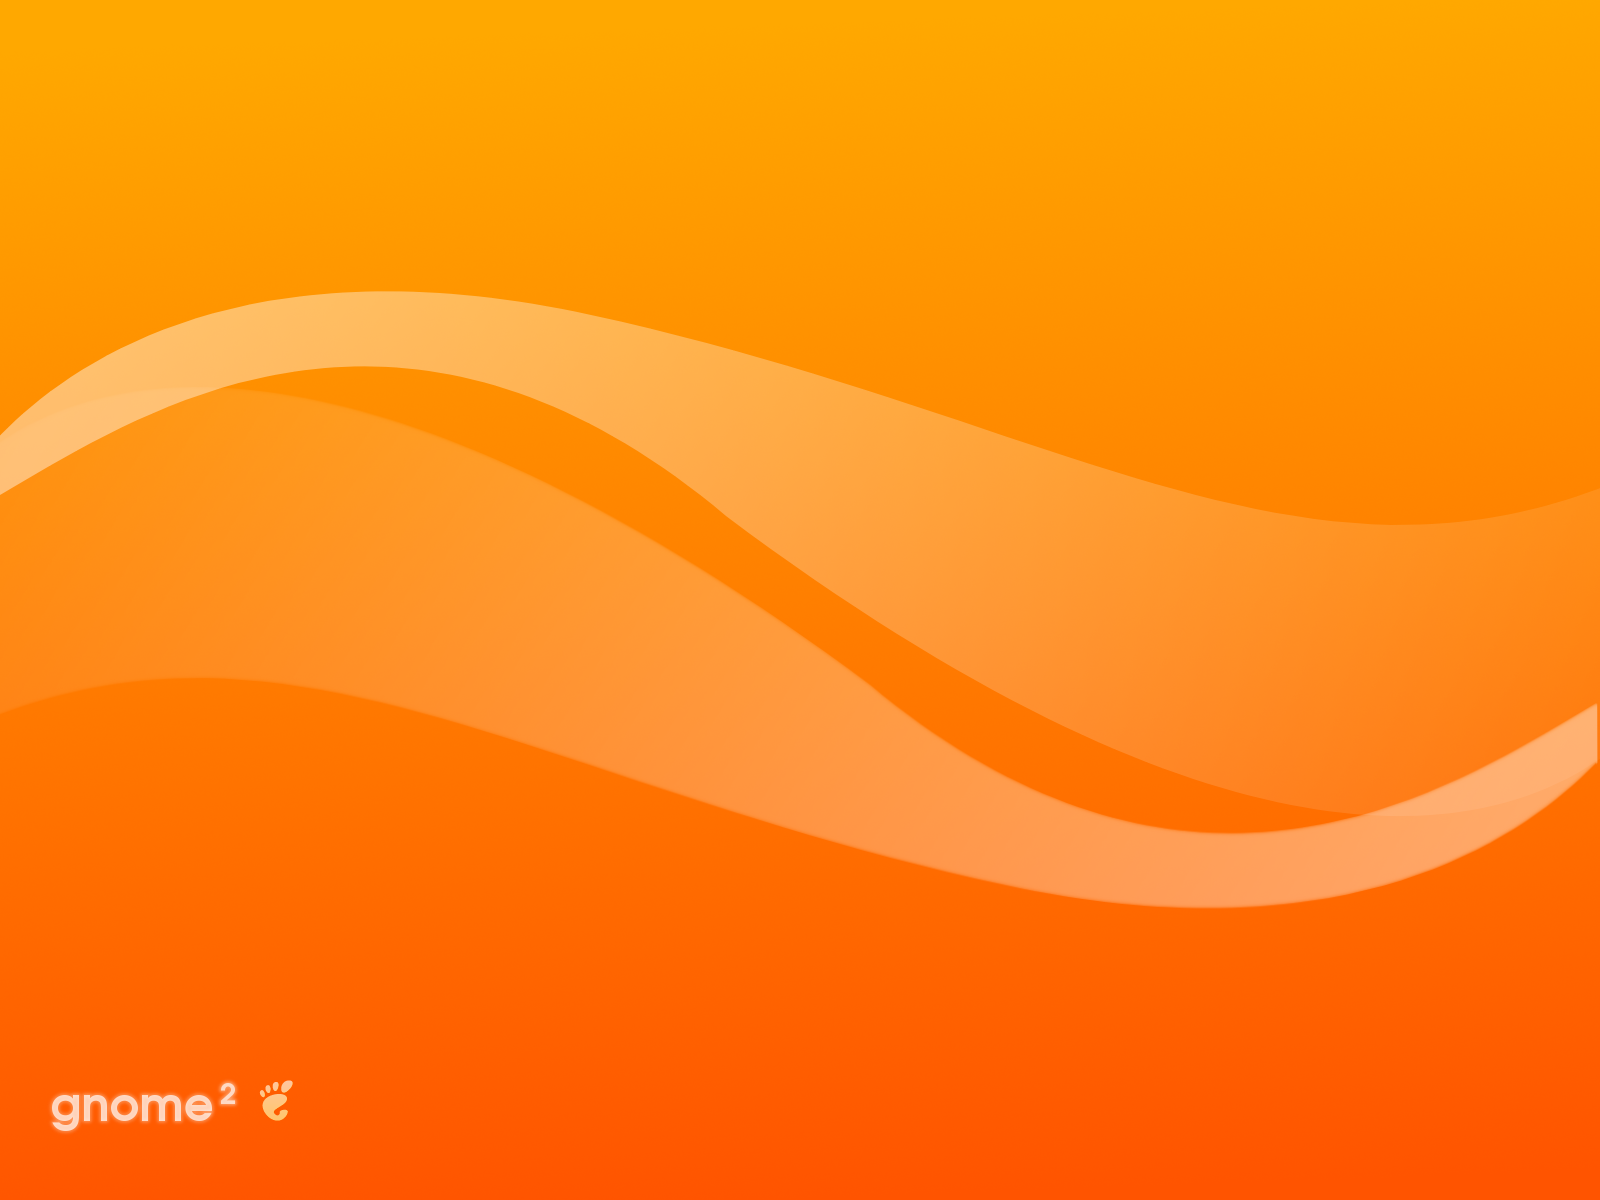 empresa orange empresa: